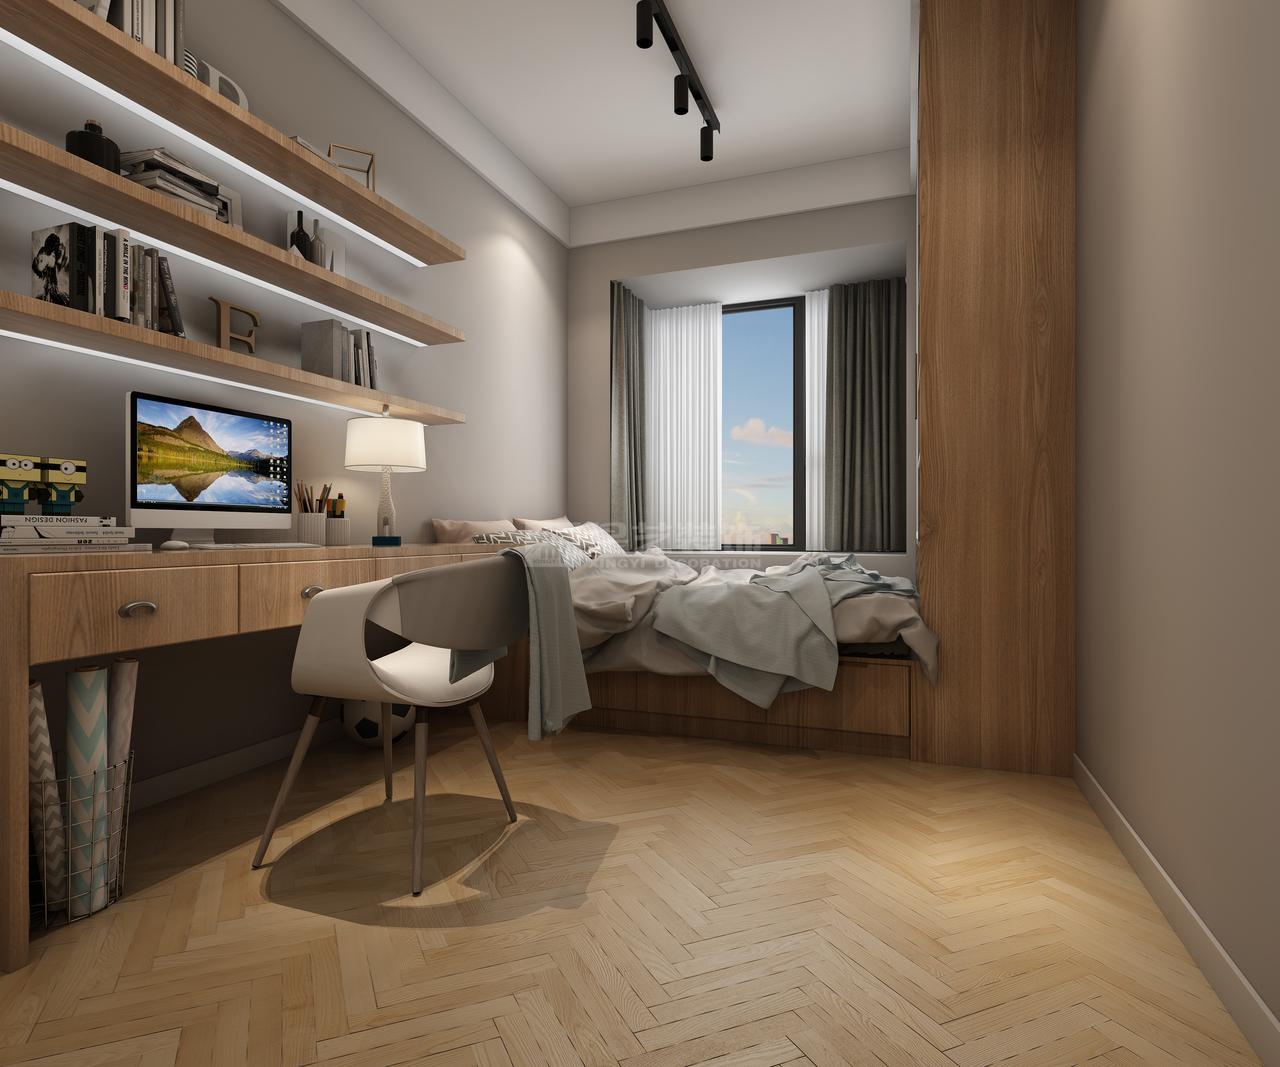 中铁逸都E区洋房现代简约风格装修,现代,后现代,三居室,120.0㎡